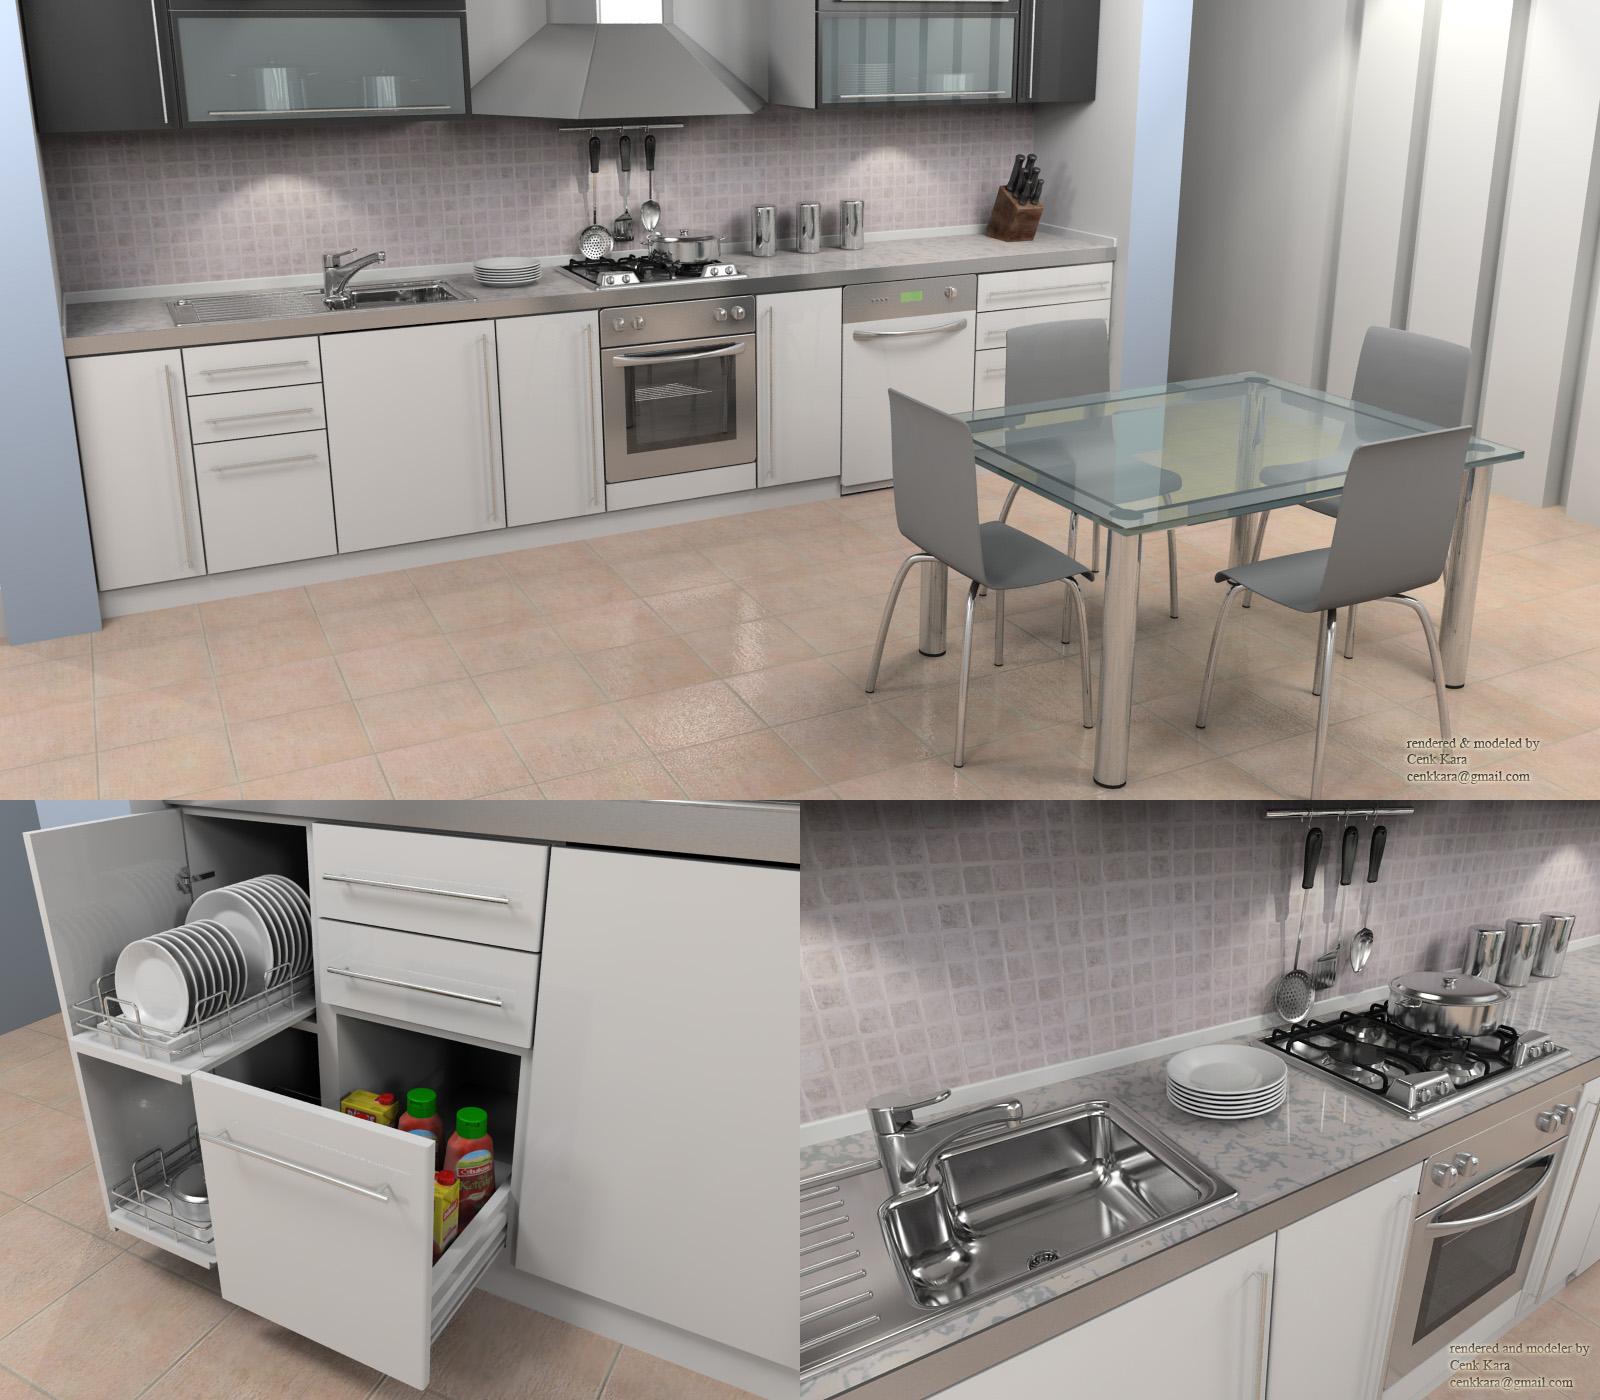 Kitchen Render 01 By Cenkkara On DeviantArt